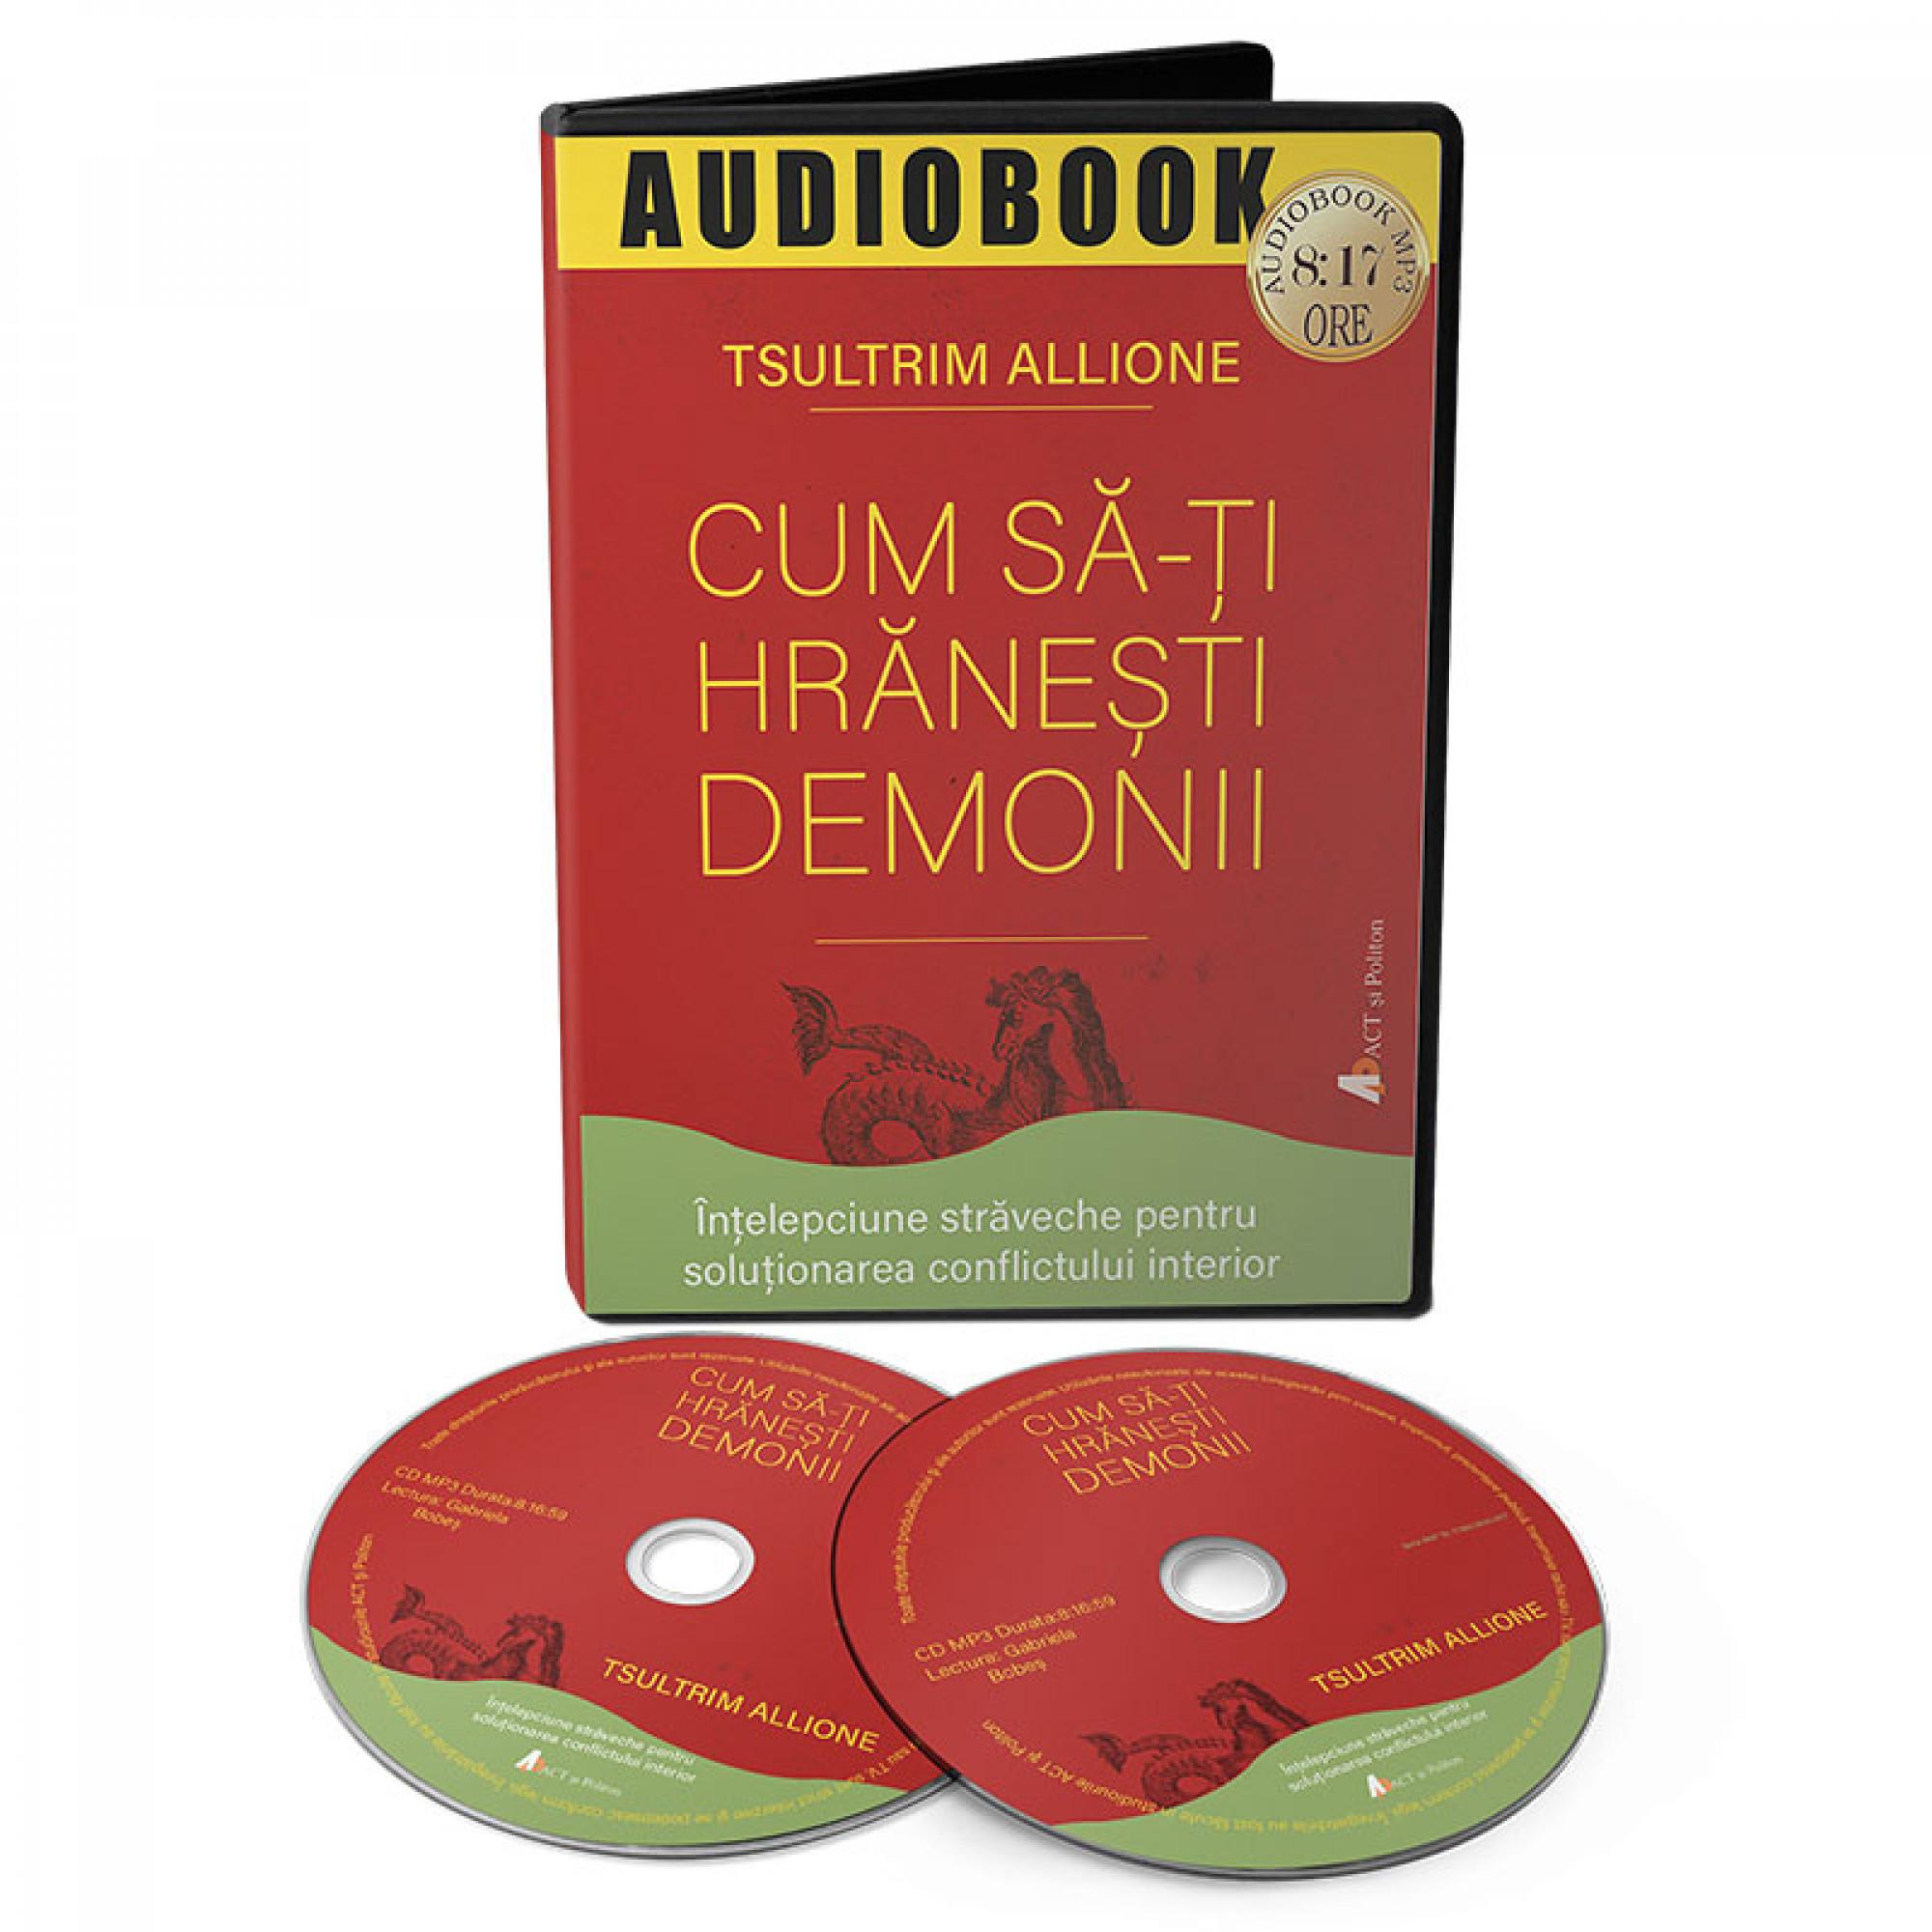 Cum să-ți hrănești demonii